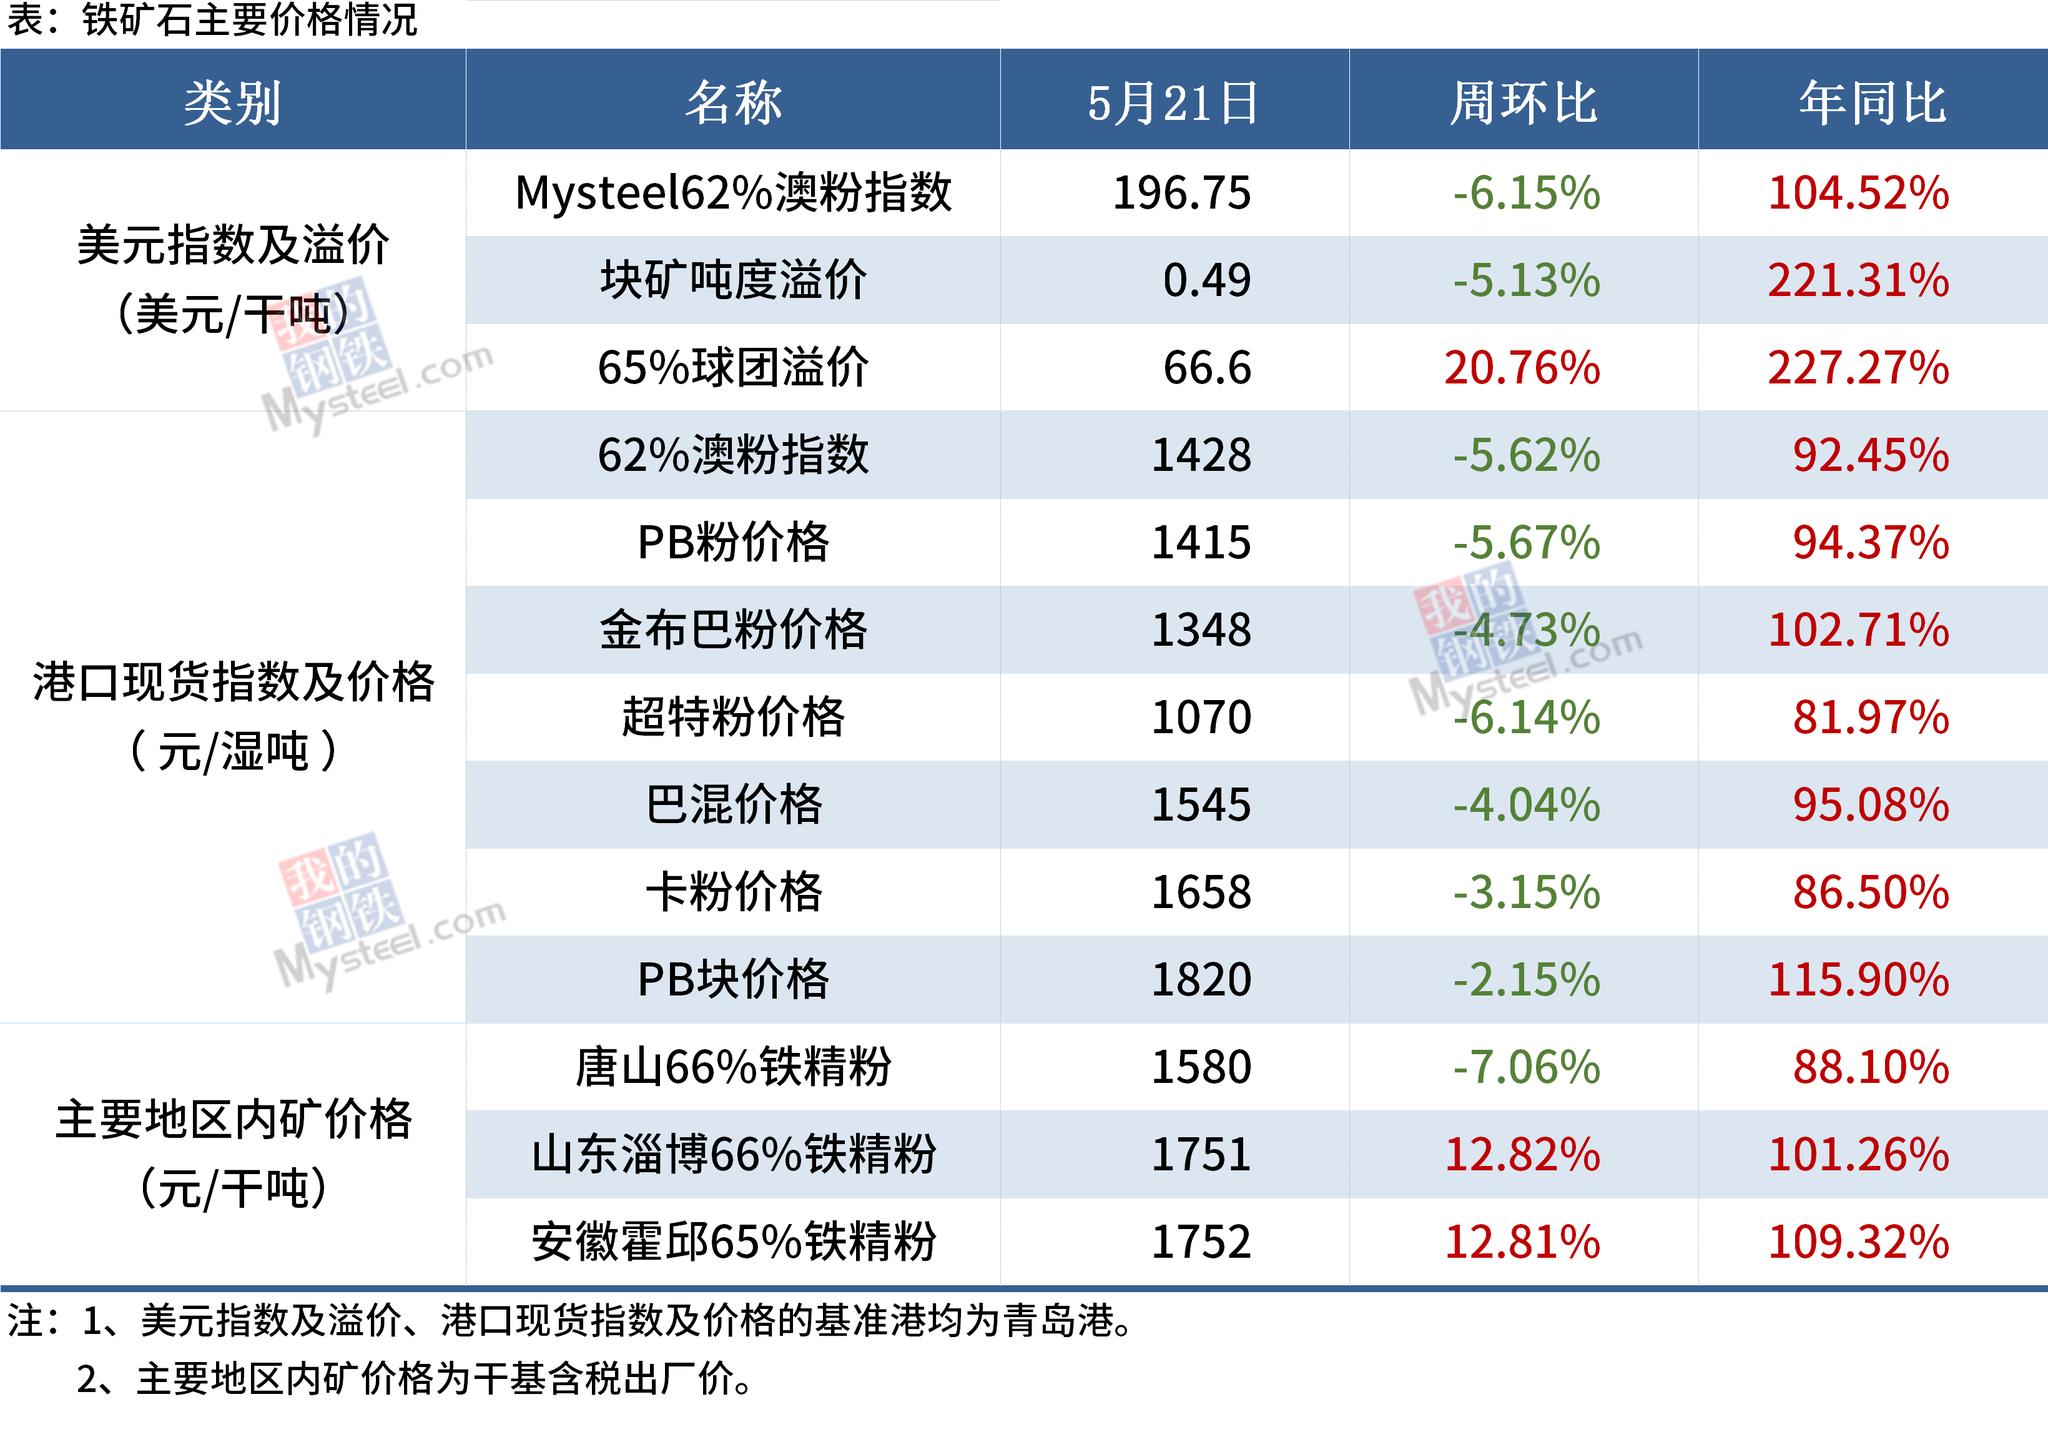 Mysteel黑色金属例会丨本周钢市总体跌势趋缓,部分市场有望企稳